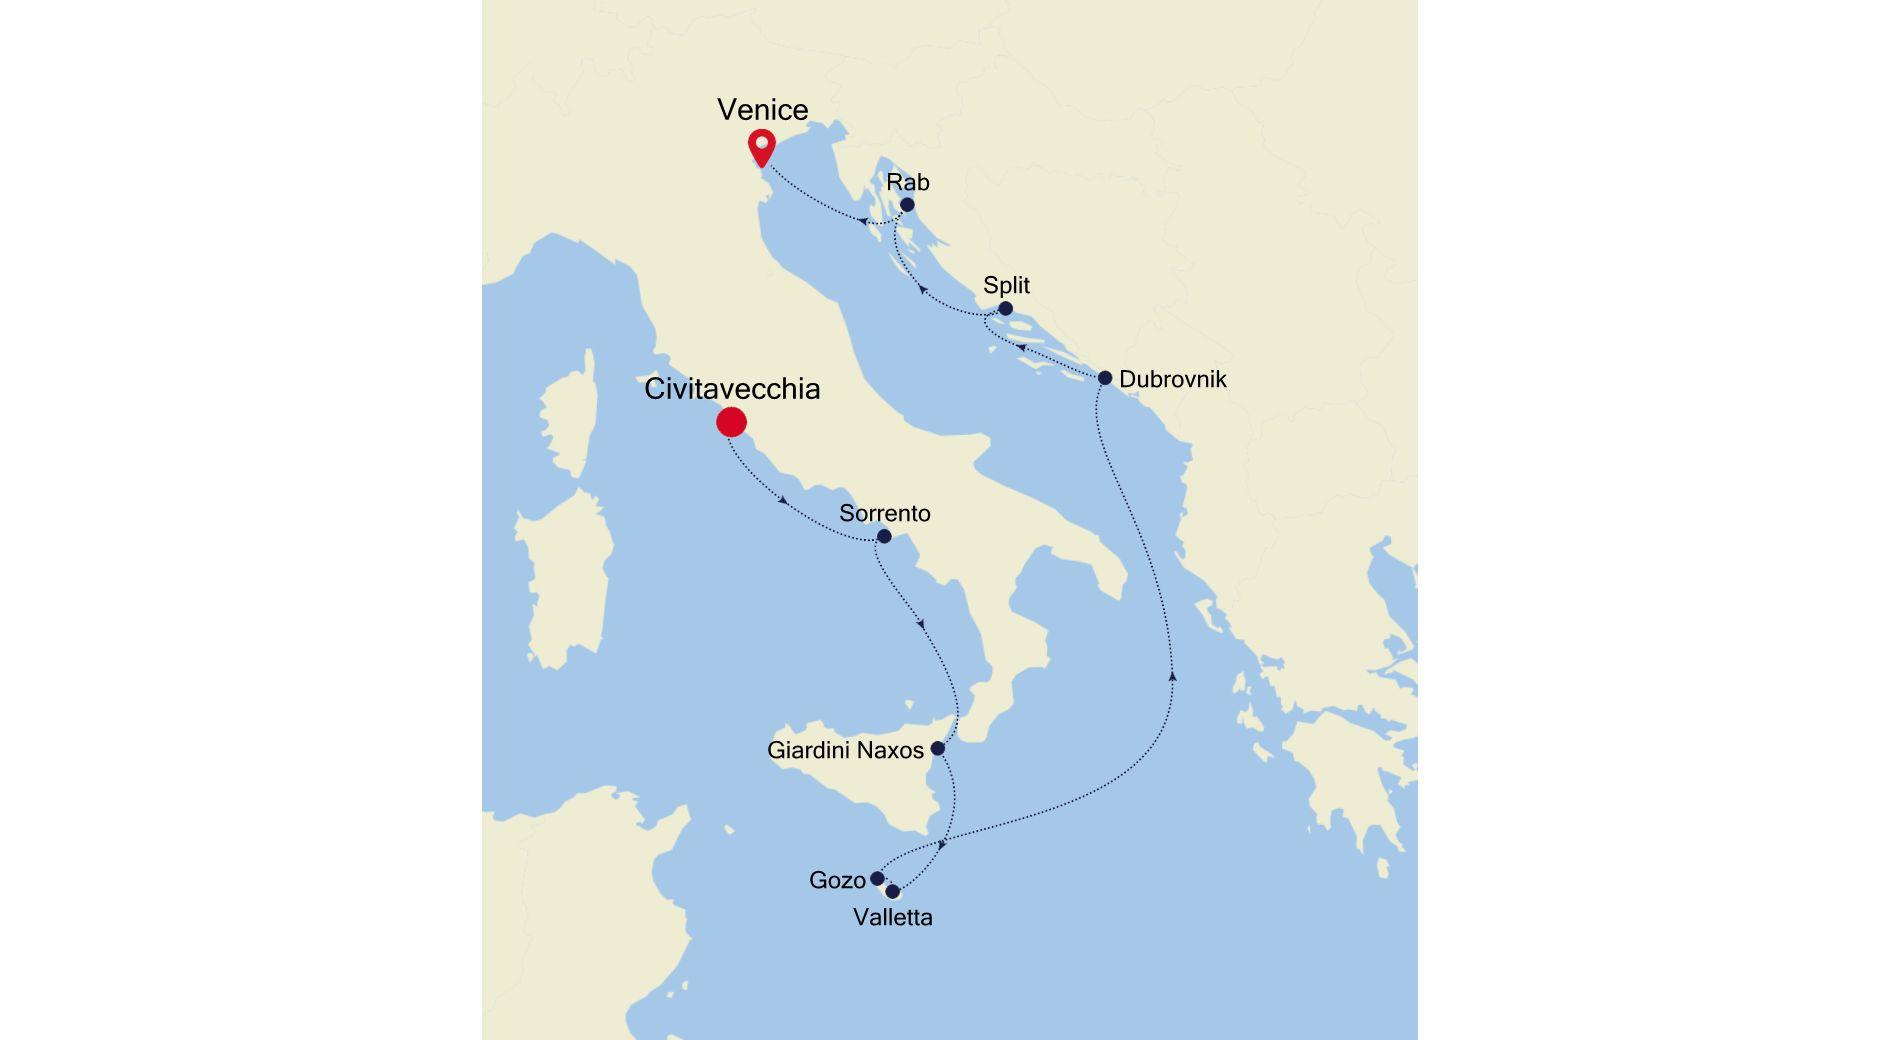 SS200707010 - Civitavecchia to Venice